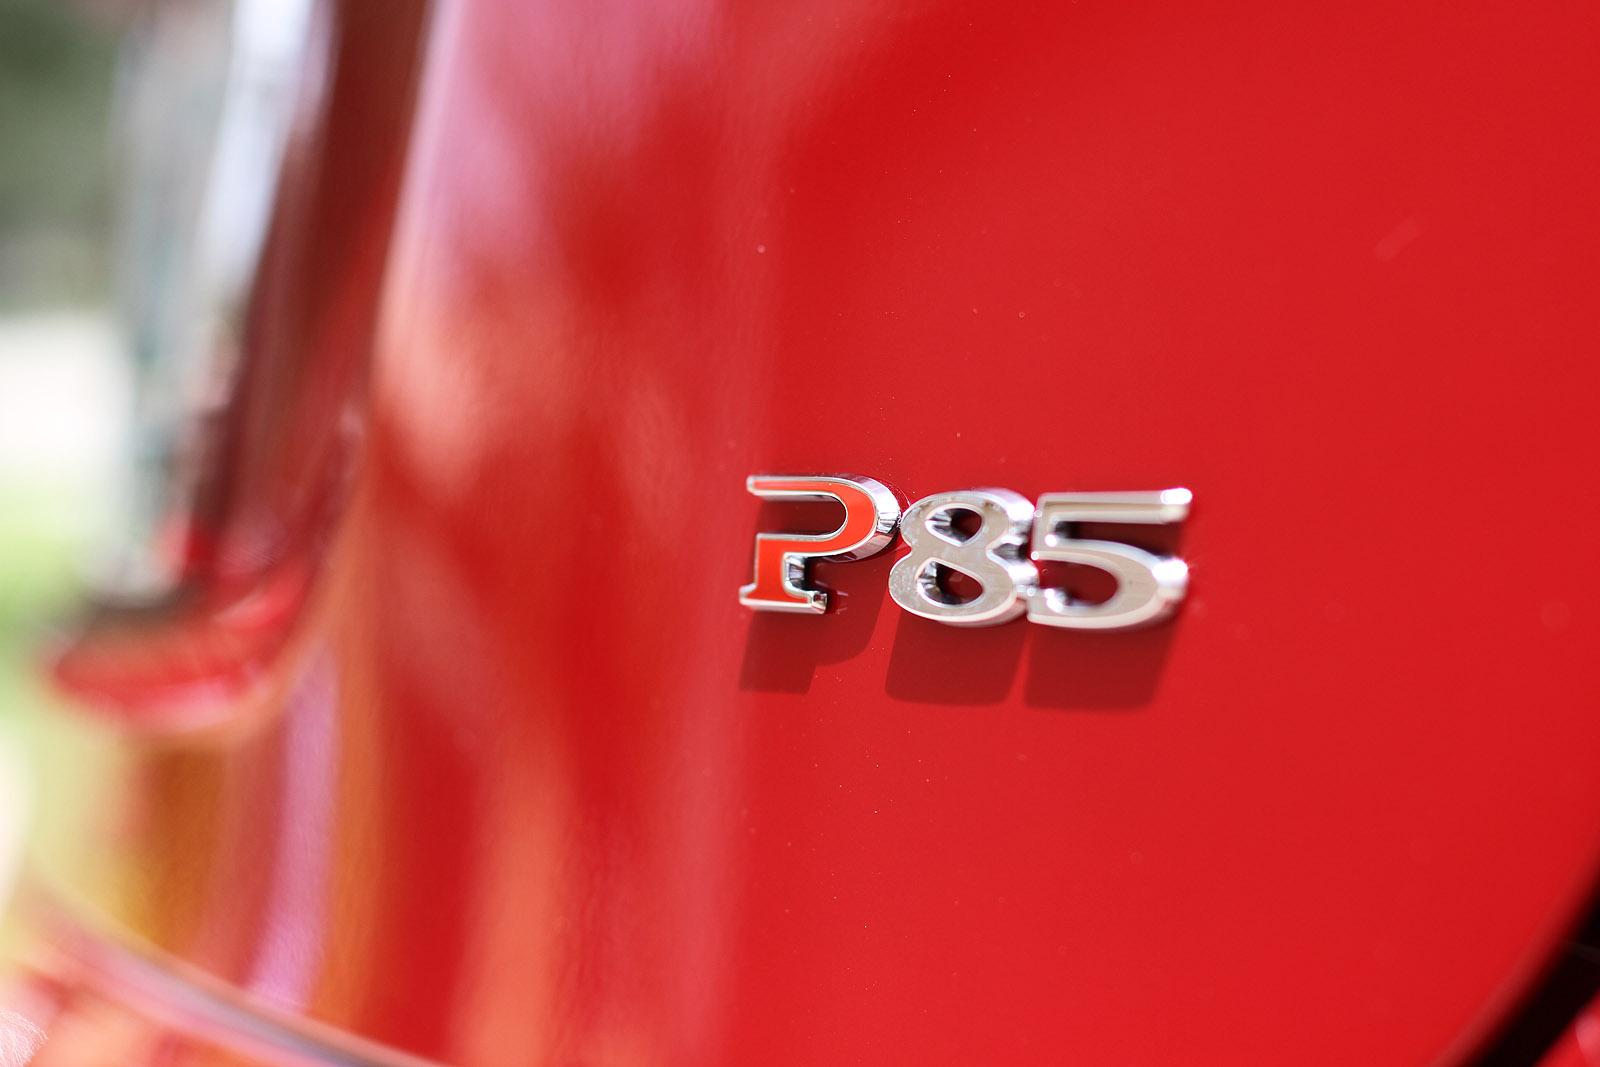 2013-tesla-model-s-p85-multi-coat-red-01